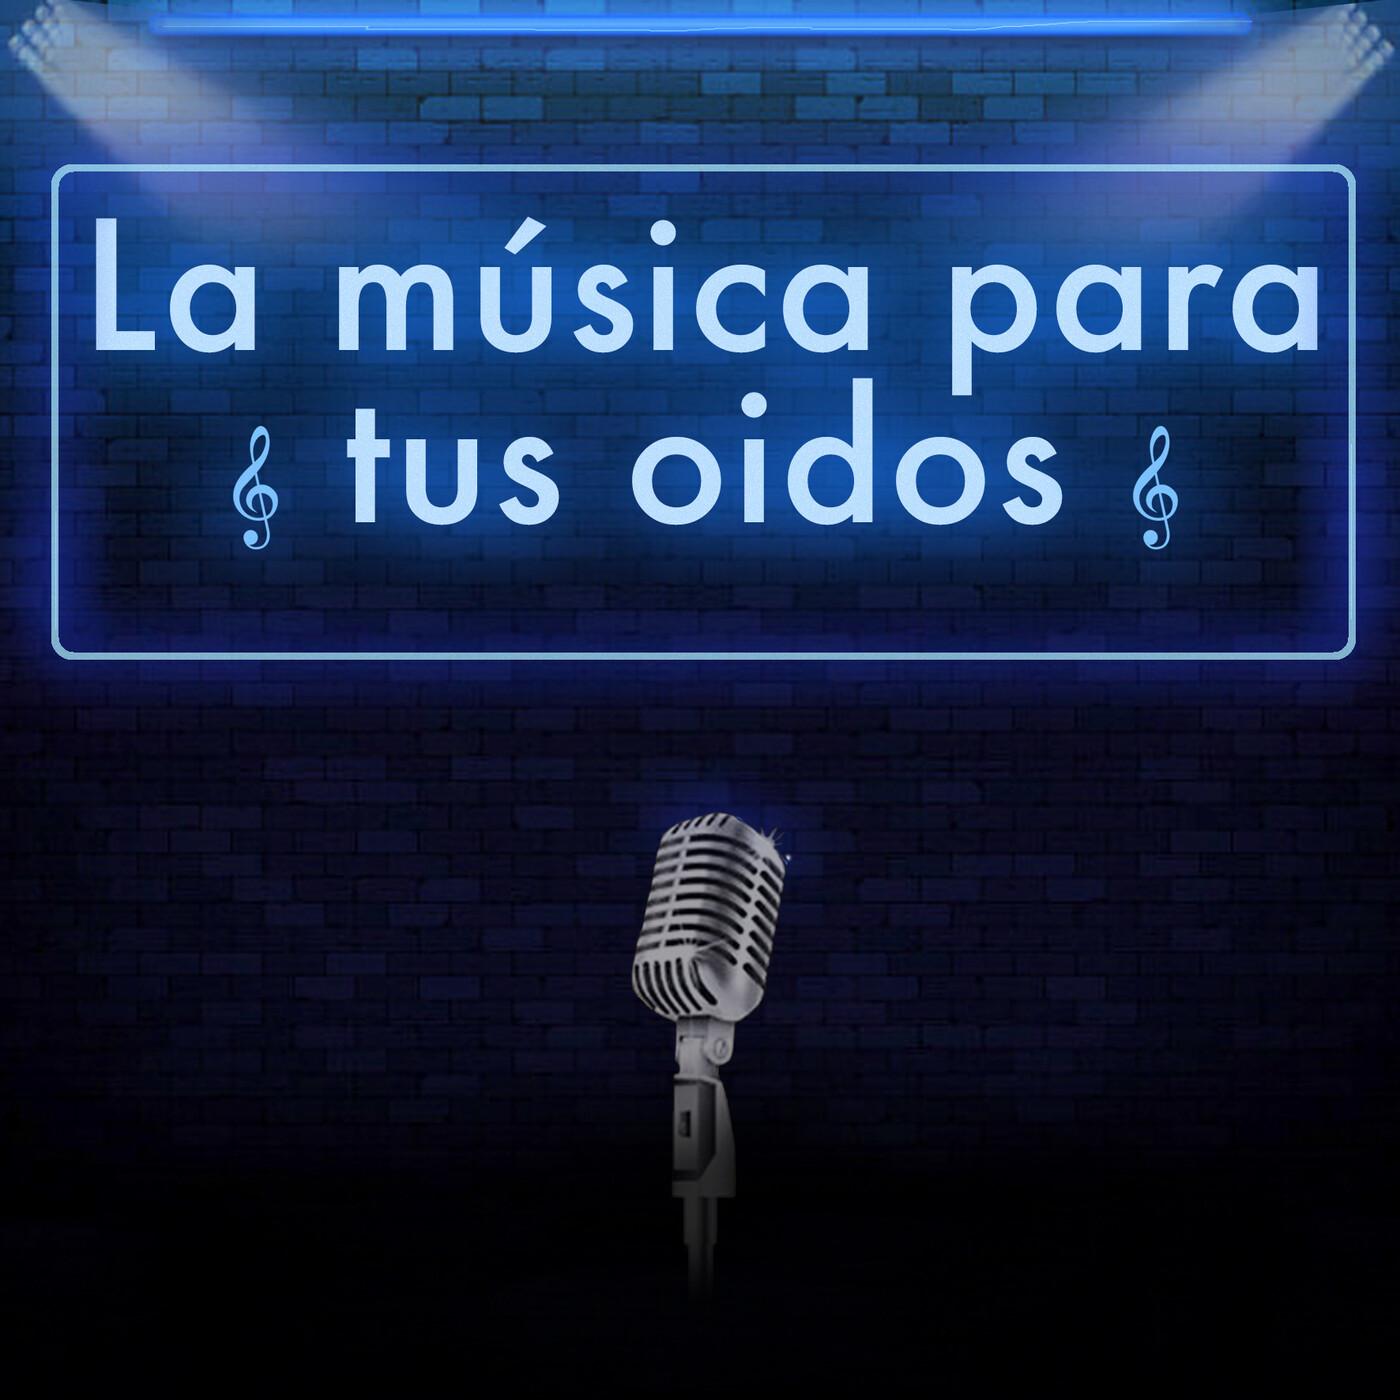 La música para tus oídos